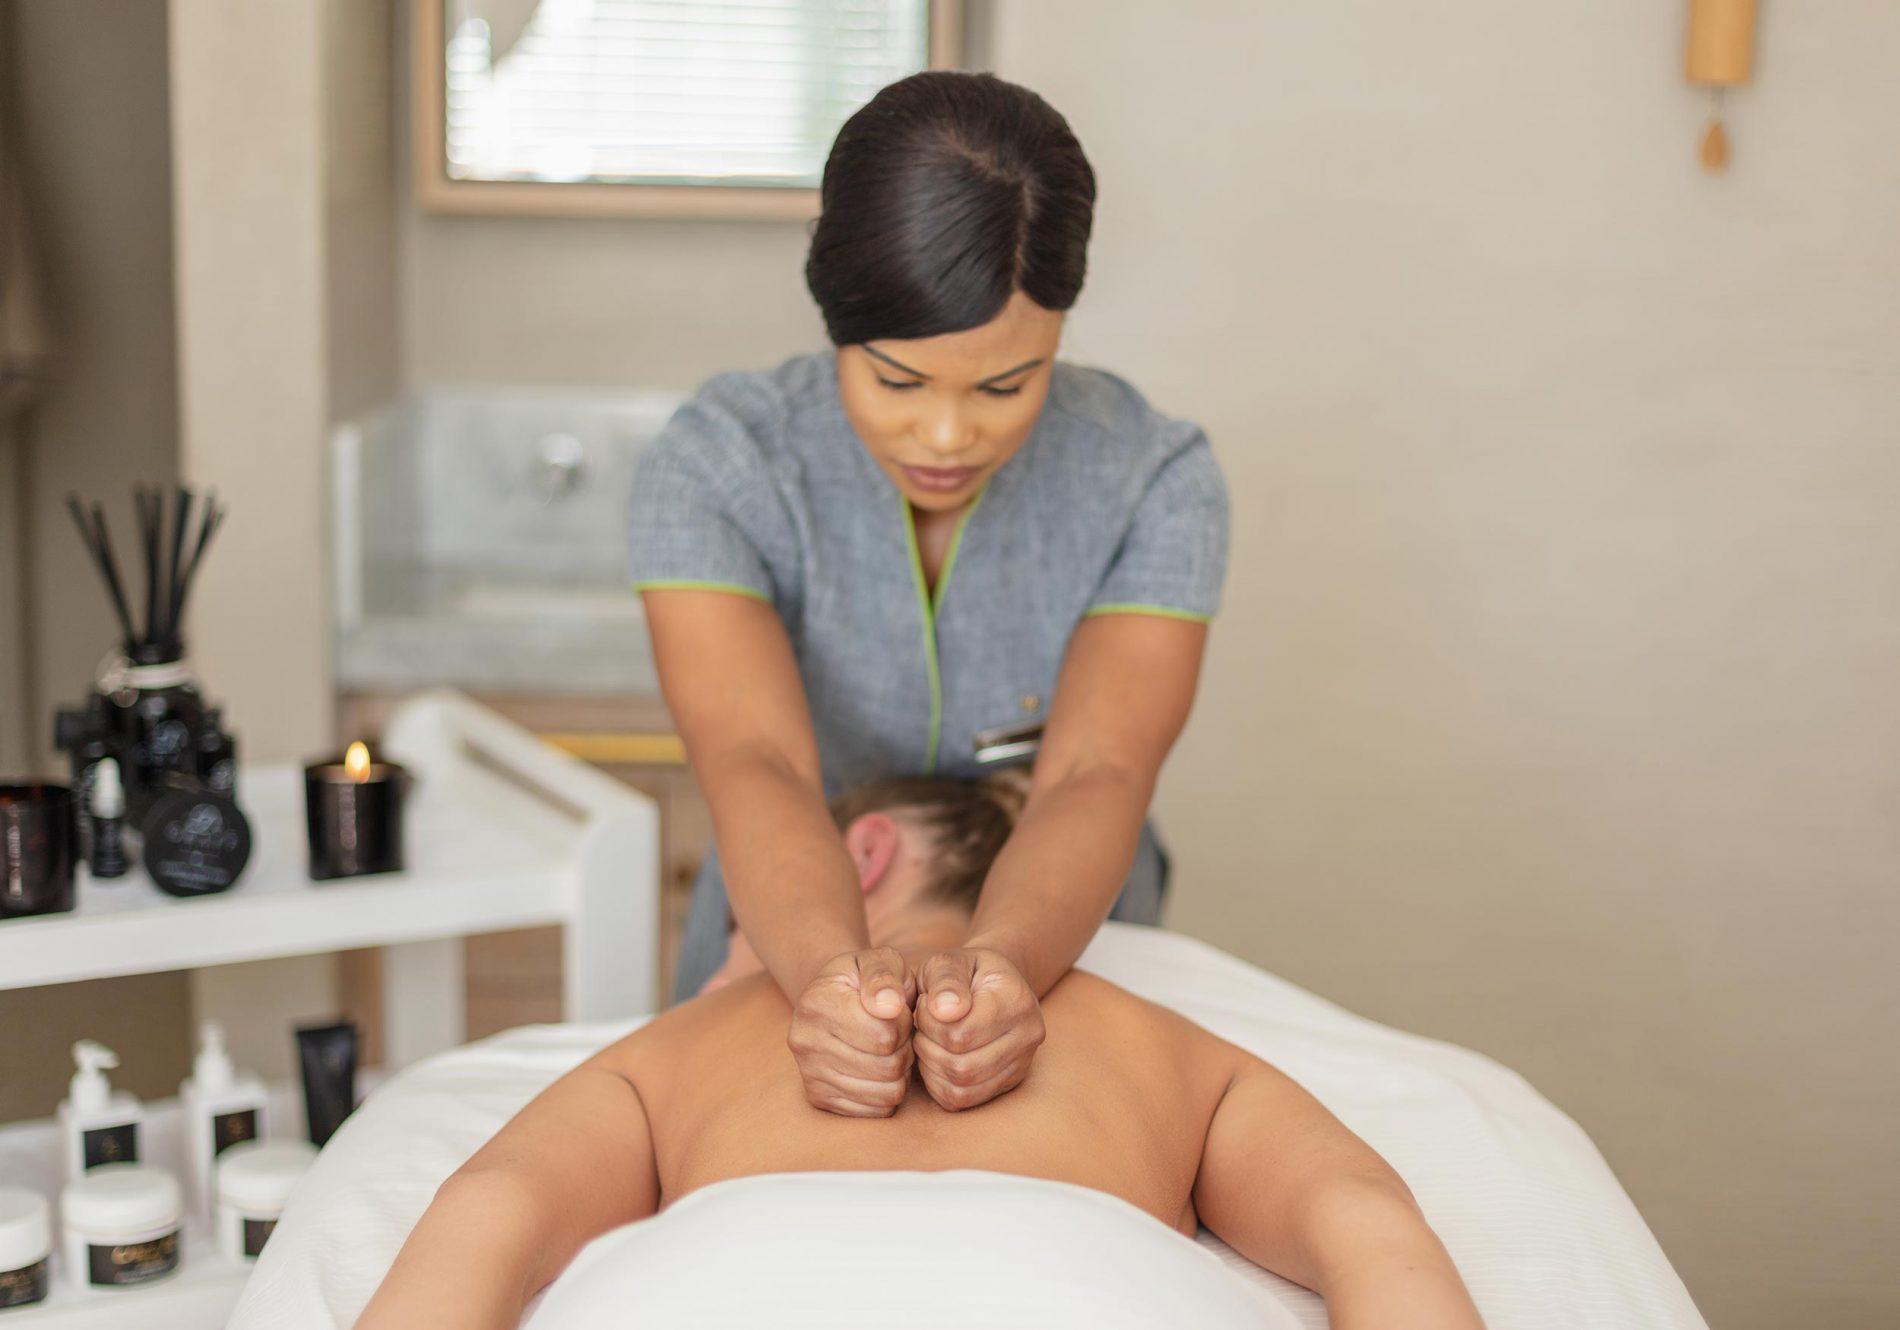 A lady enjoying a back massage